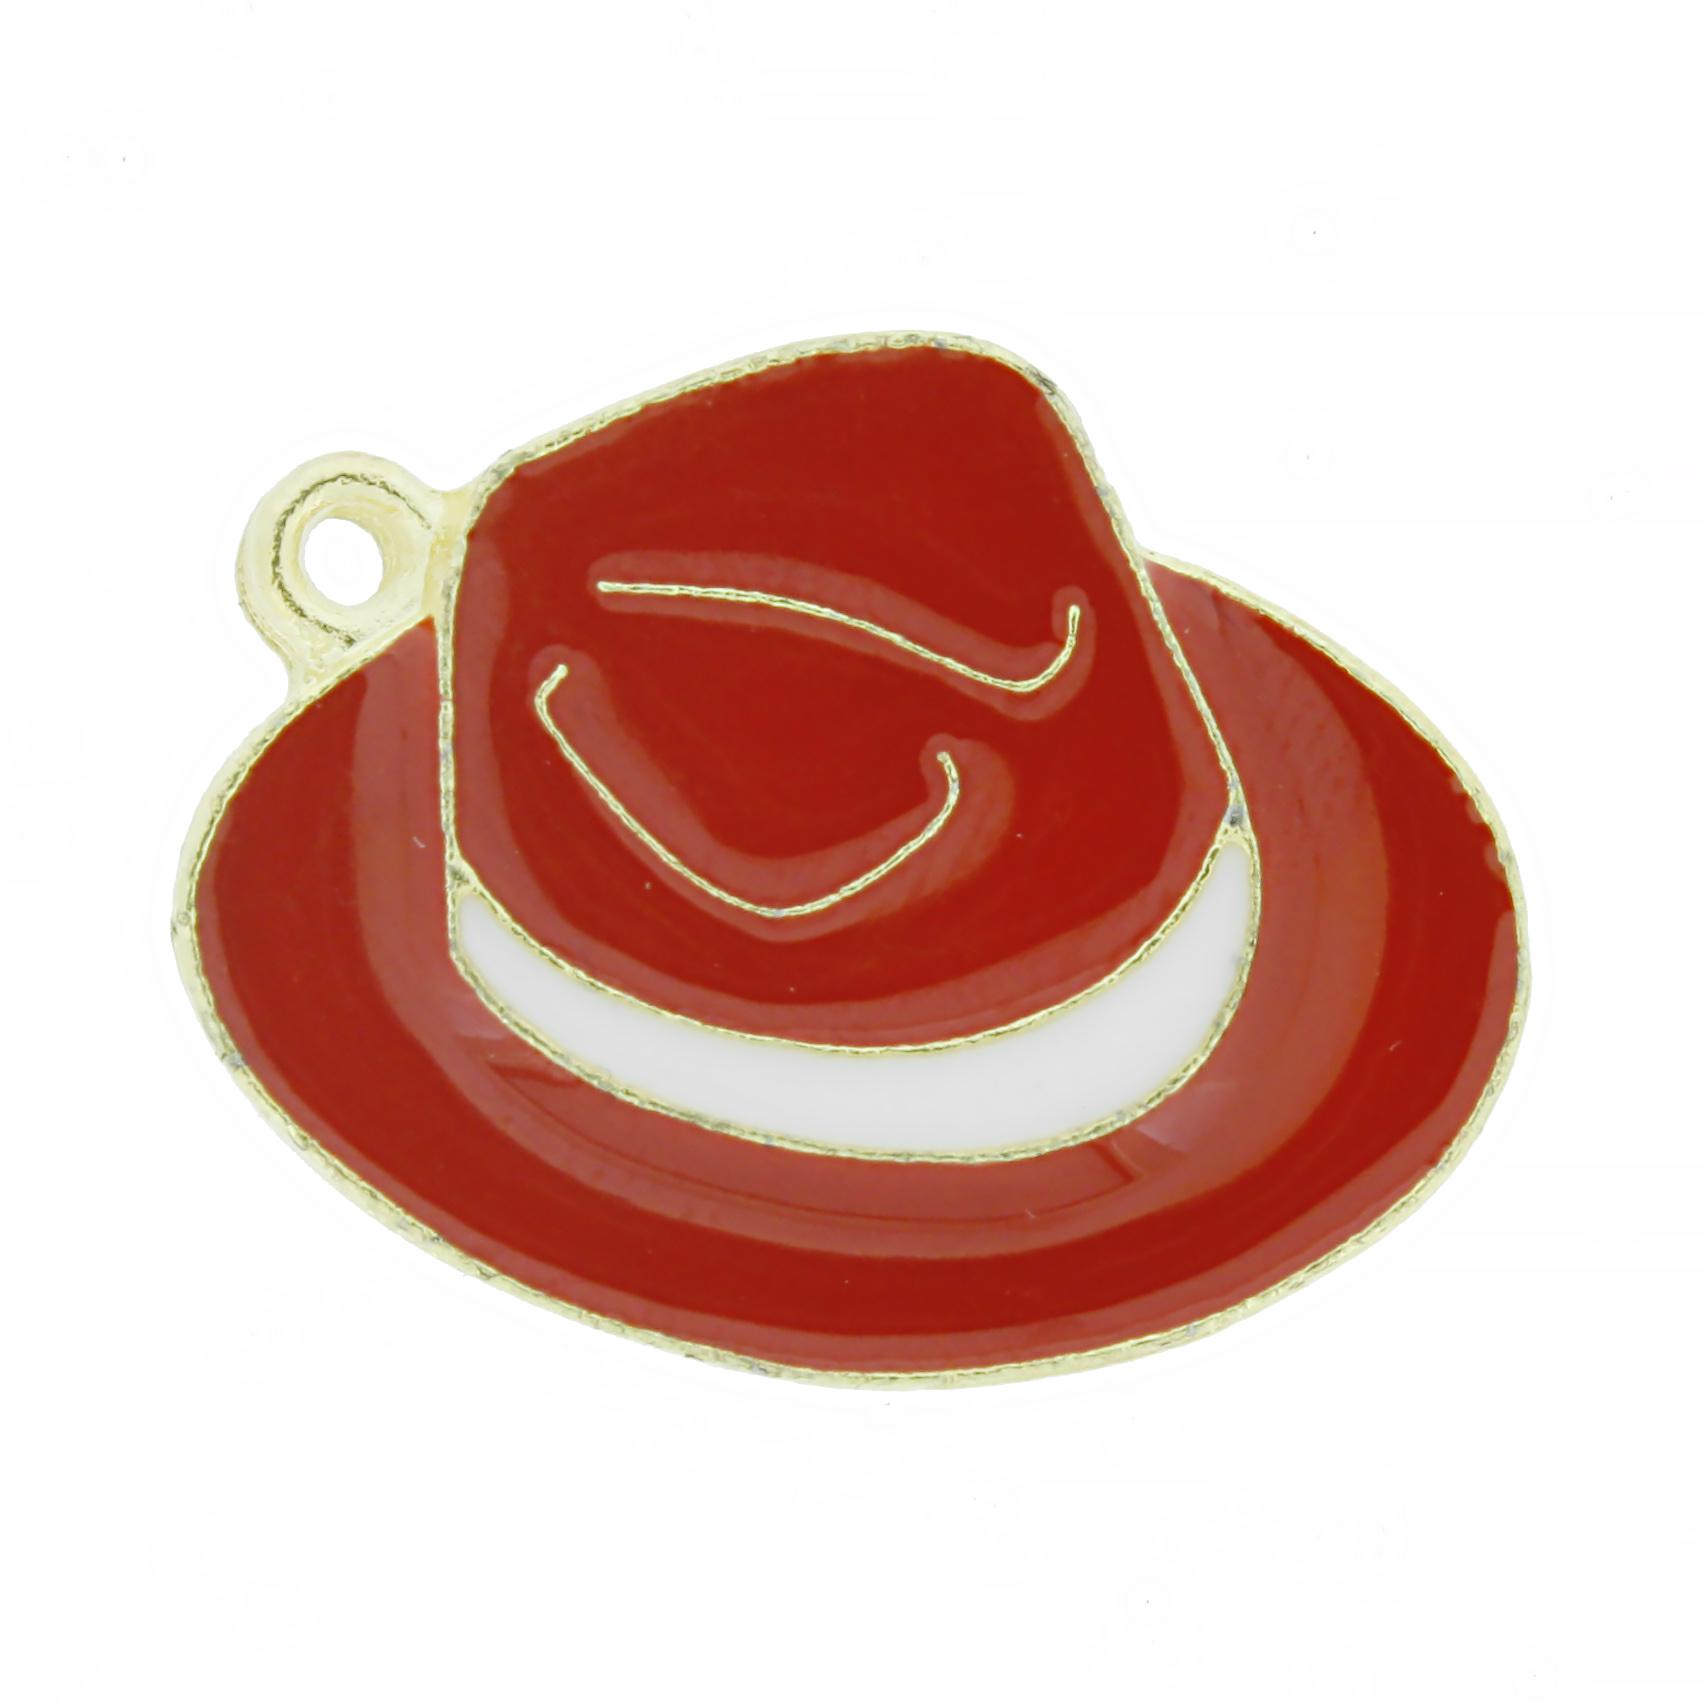 Chapéu Resinado Dourado - Vermelho e Branco - 22mm  - Stéphanie Bijoux® - Peças para Bijuterias e Artesanato